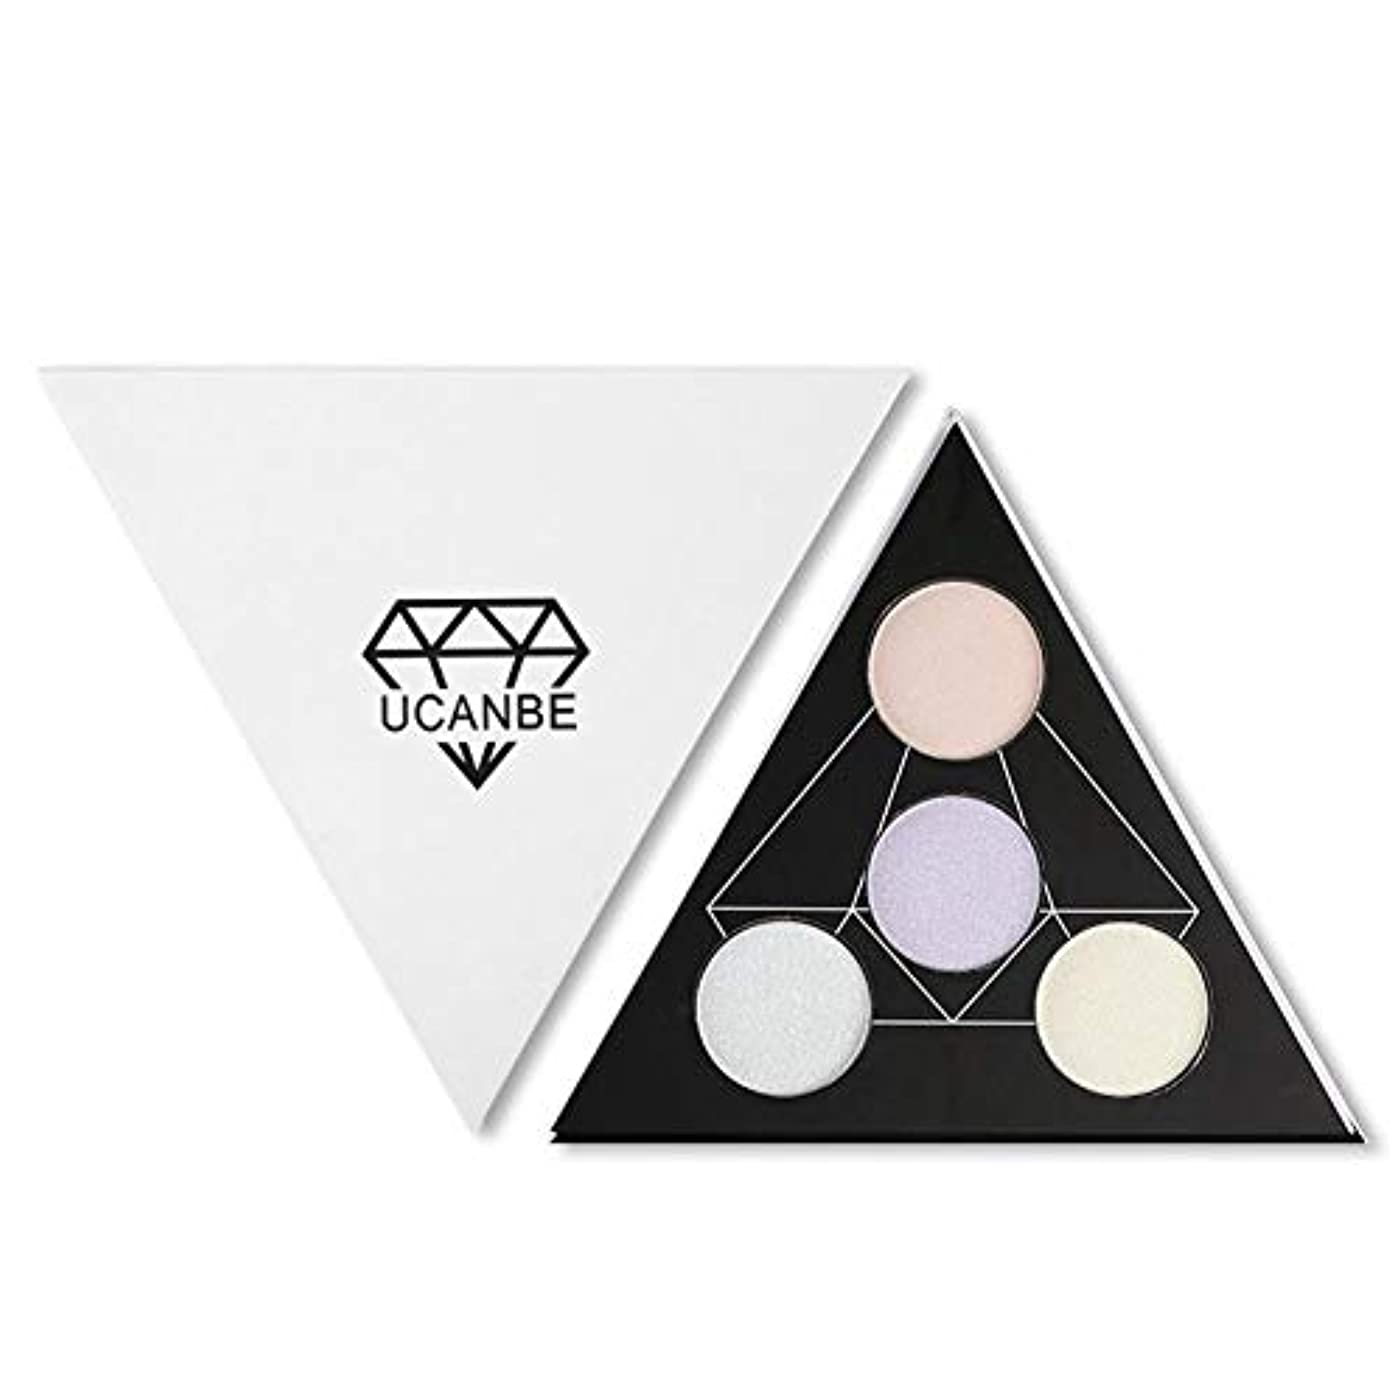 摩擦とは異なり指定するsunyueydeng アイシャドウ, 4色アイシャドウ化粧高精細ディスクカメレオン4色ハイライトパウダー修復アイシャドウトレイ2つ1つ(1#)